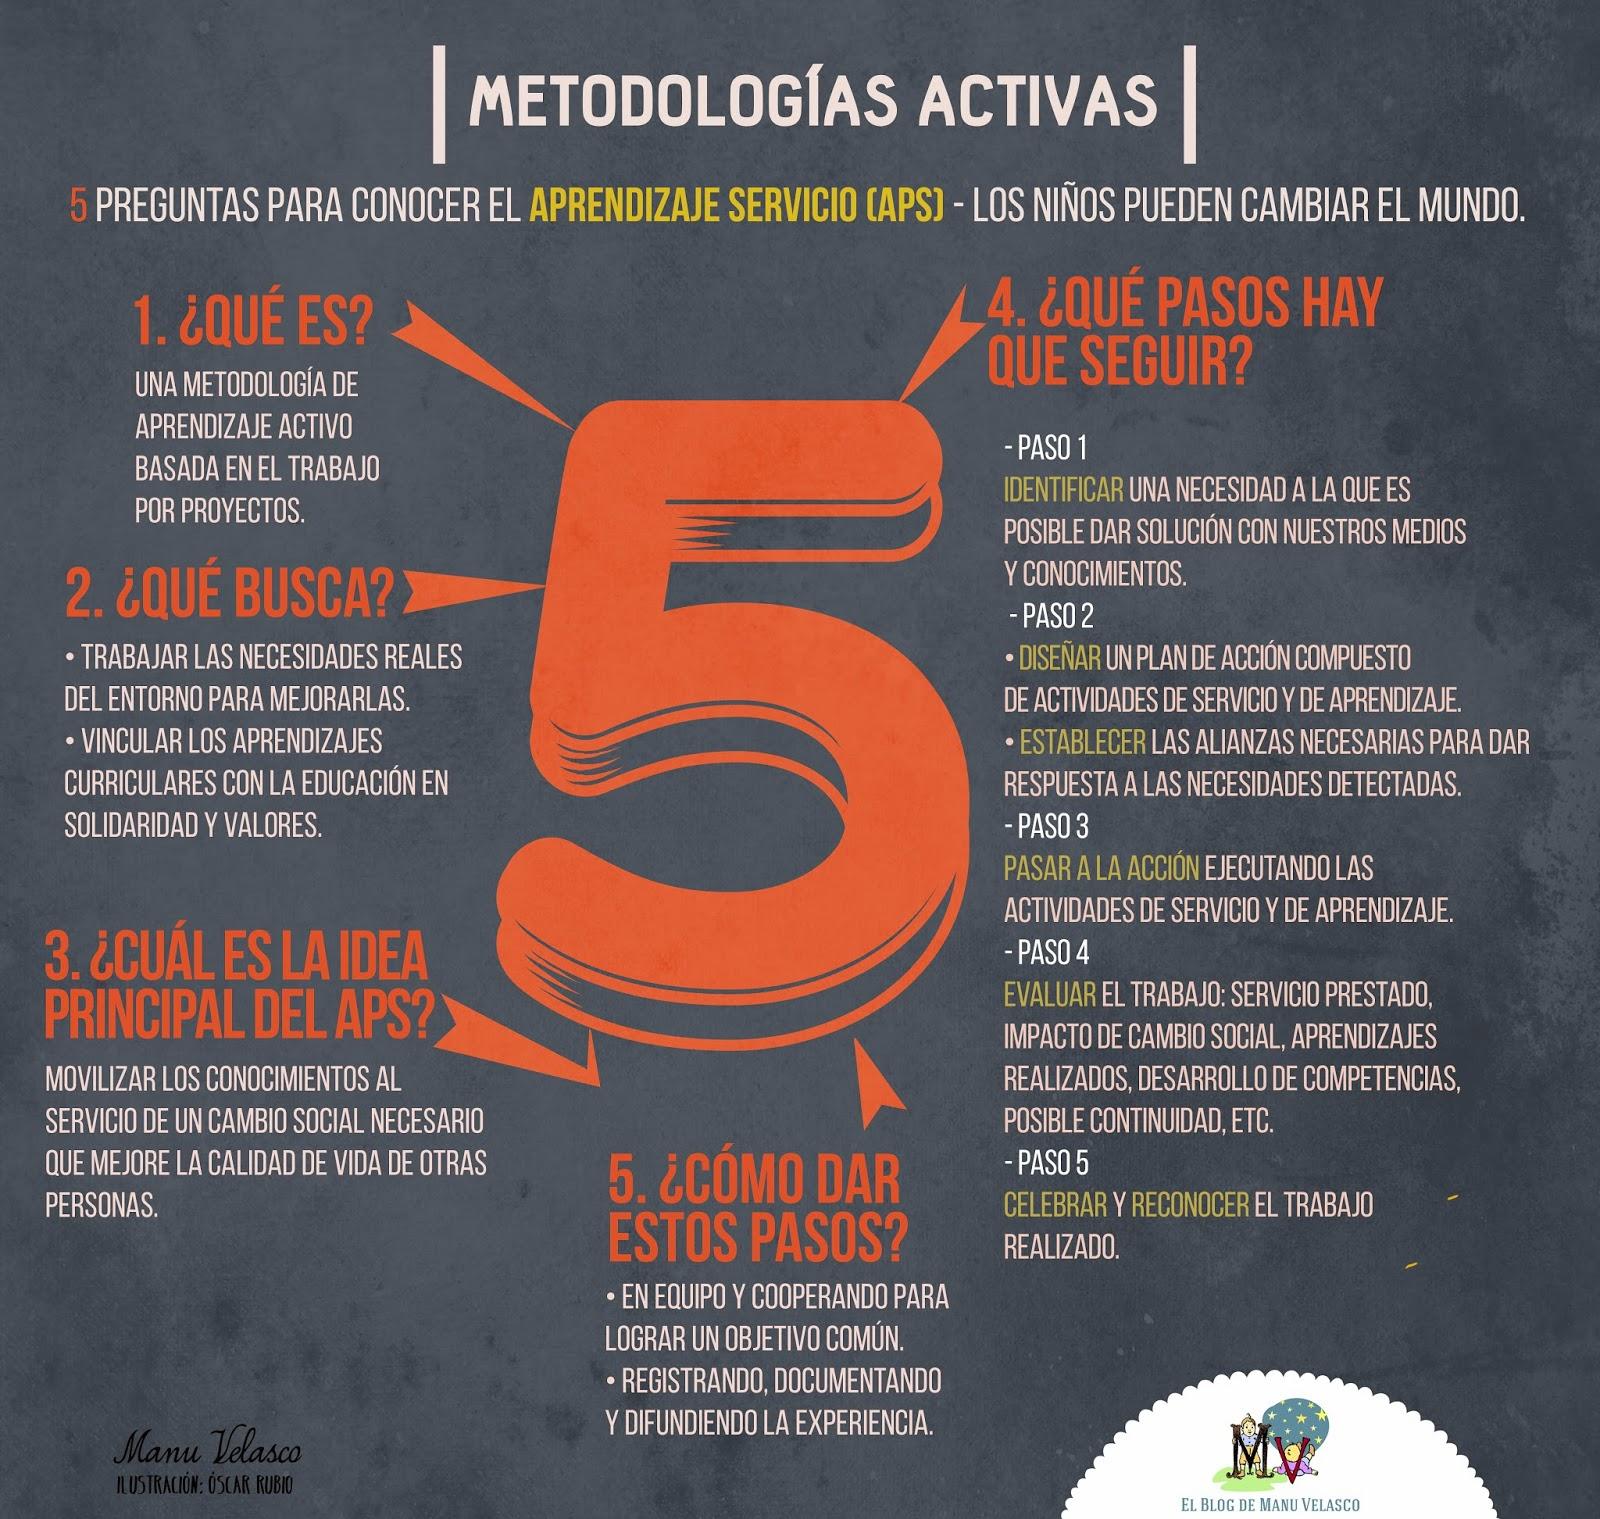 http://www.elblogdemanuvelasco.com/search/label/Metodolog%C3%ADas%20activas